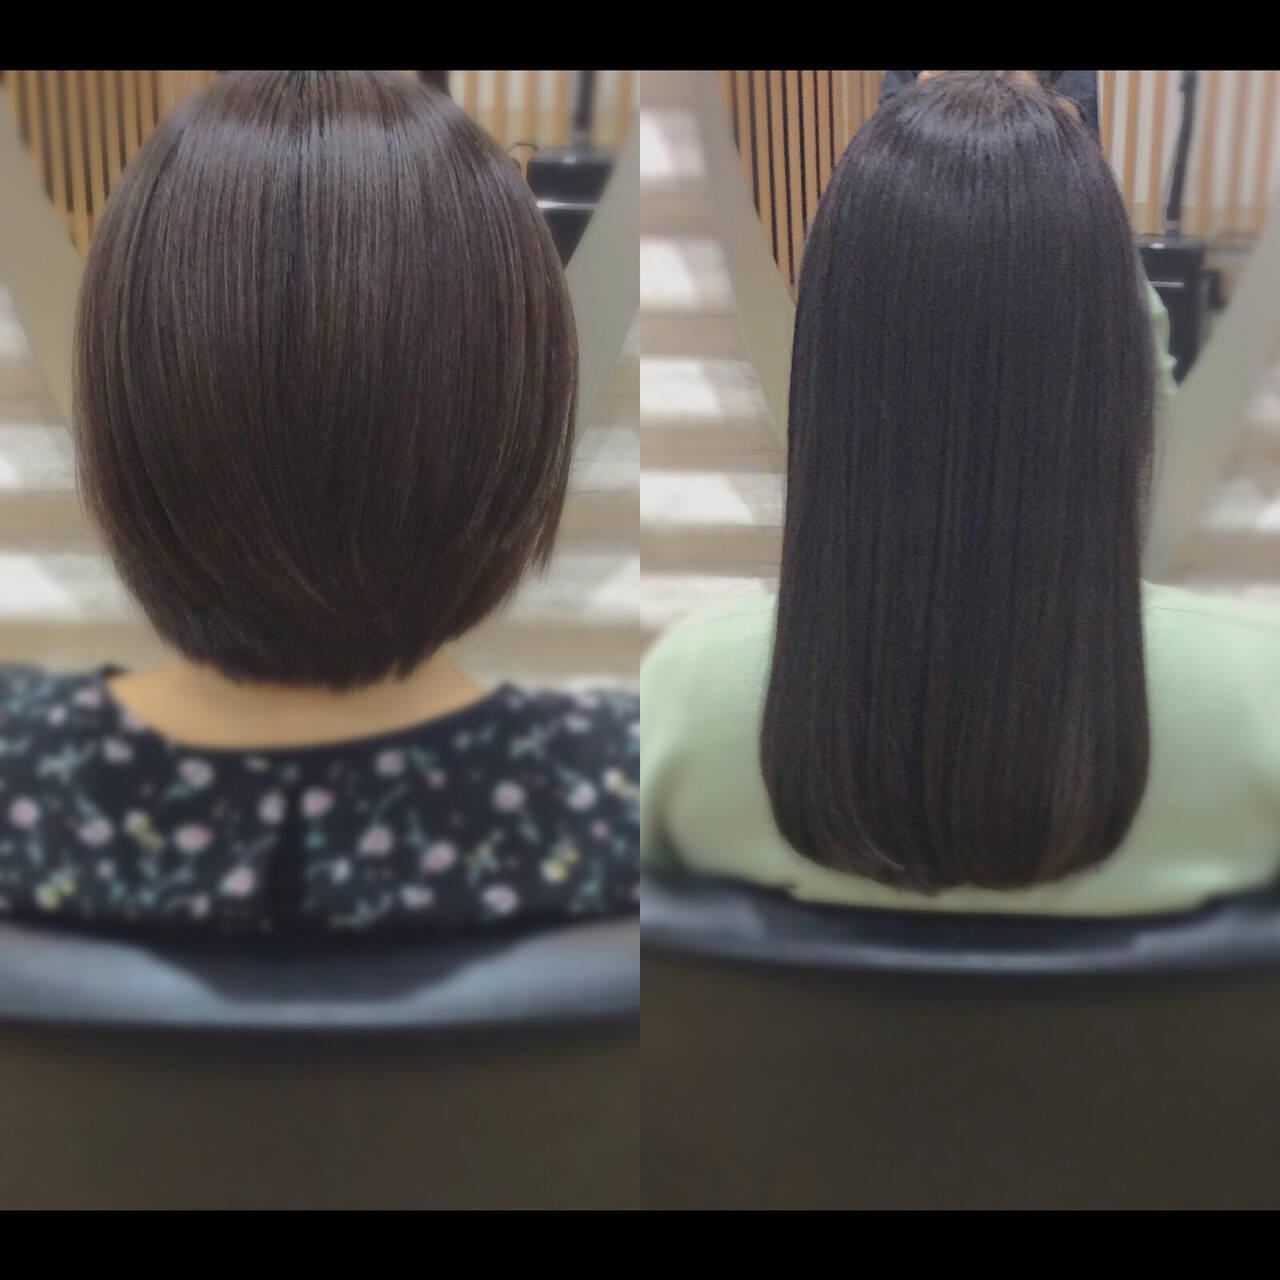 ロング 髪質改善 ロングヘア 髪質改善トリートメントヘアスタイルや髪型の写真・画像